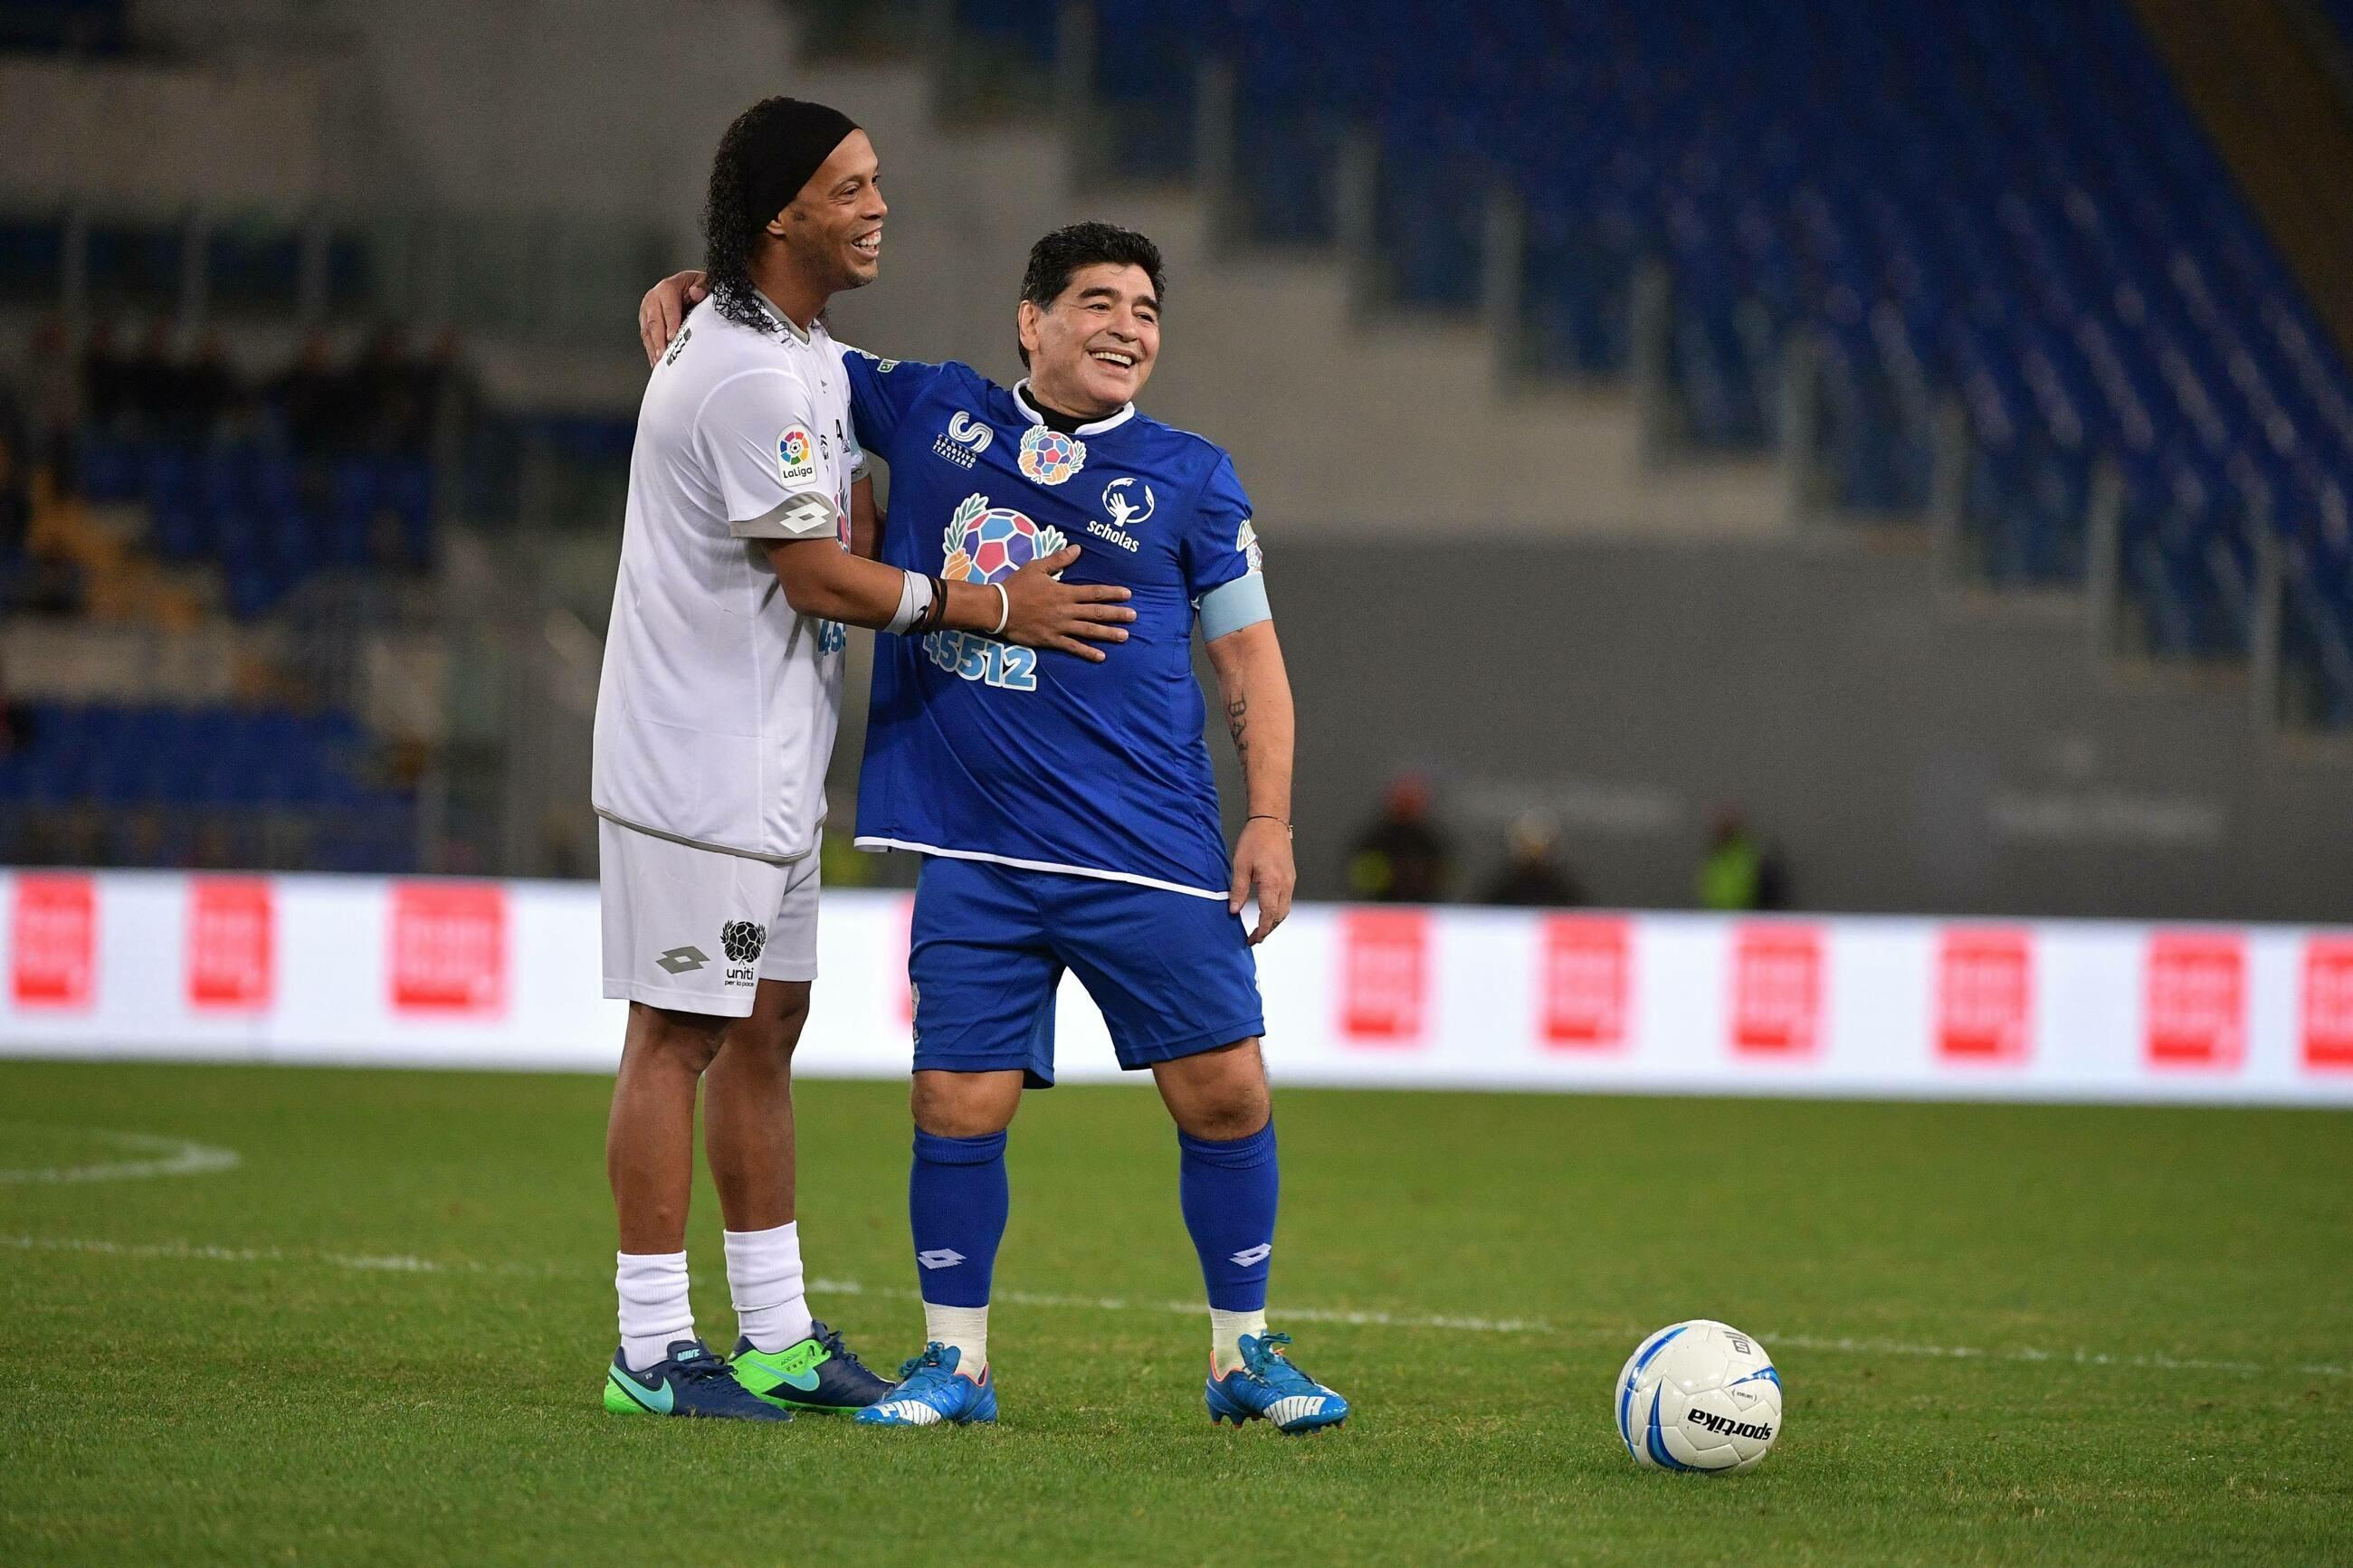 Diego Maradona w towarzystwie Ronaldinho (rok 2016)